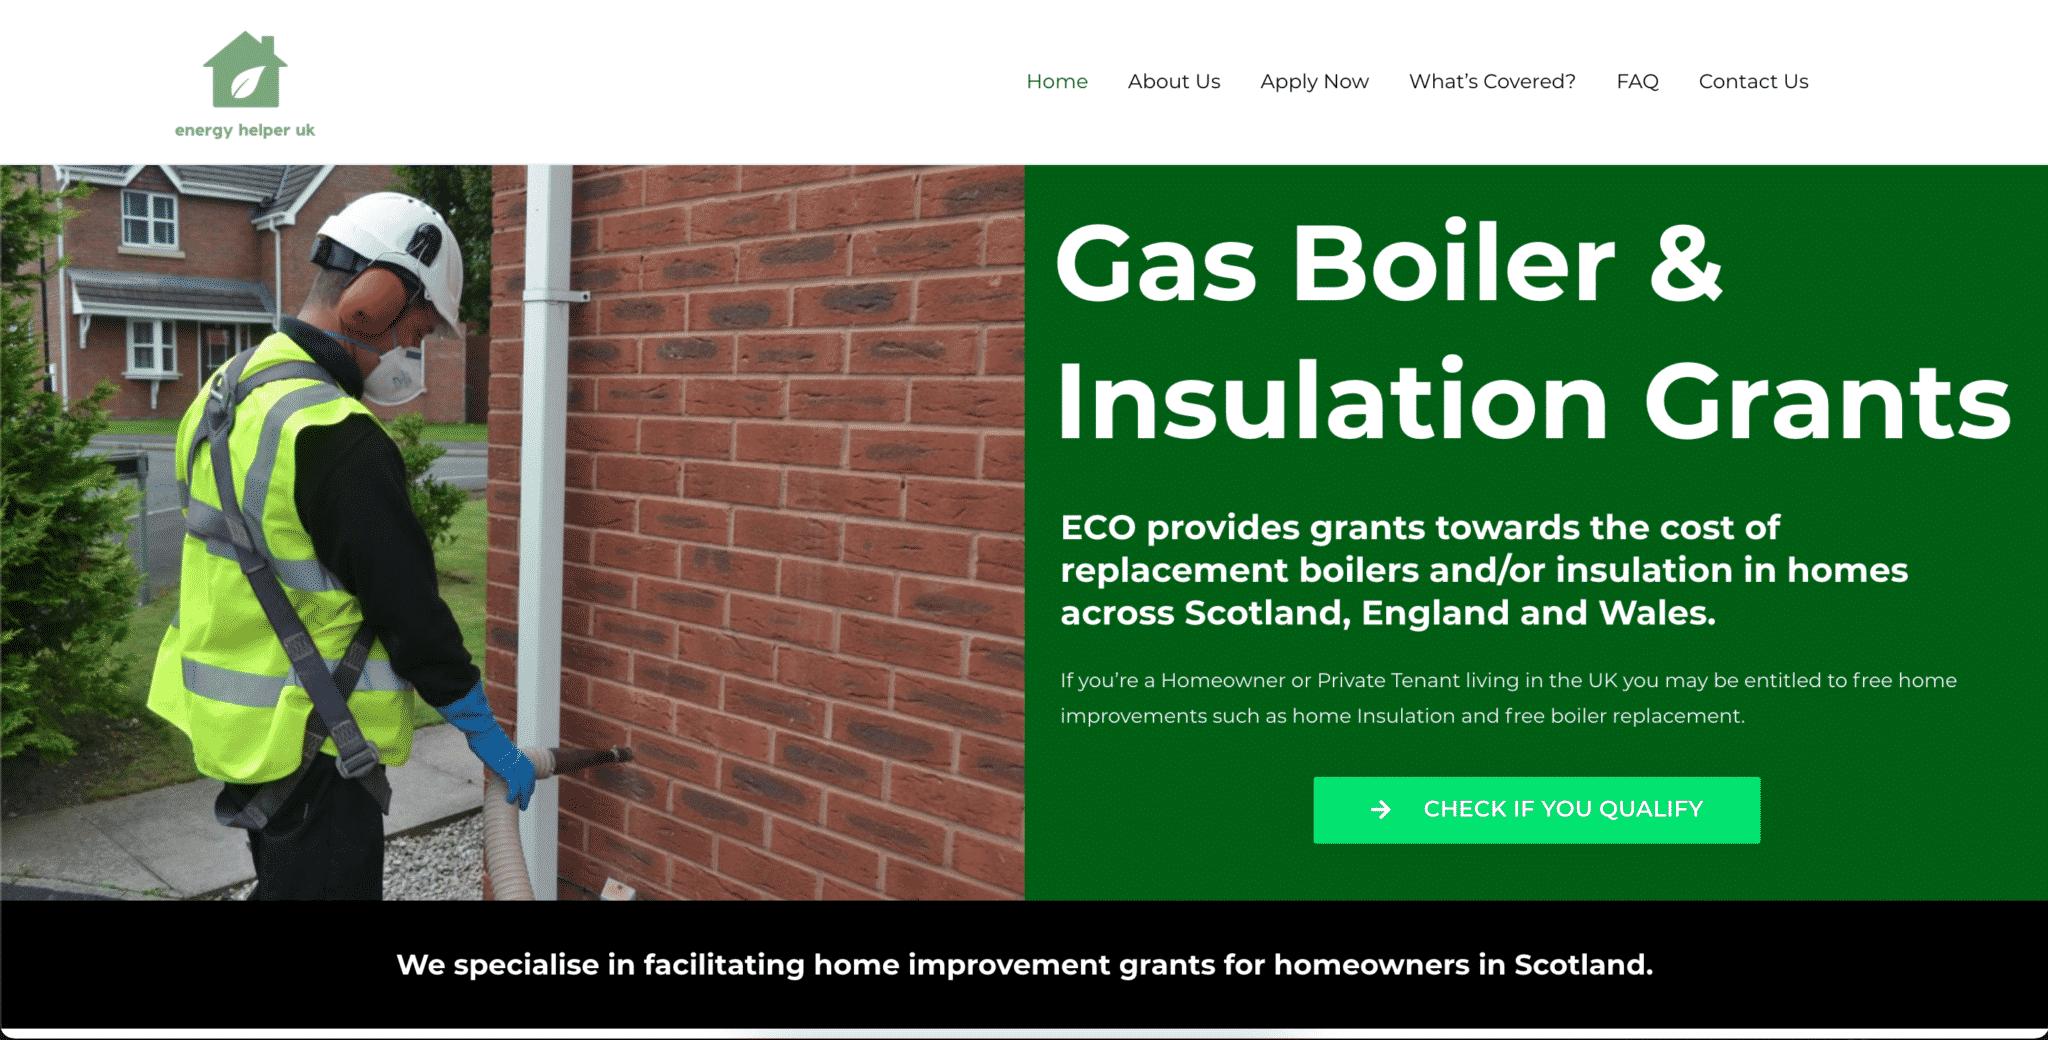 Image of Energy Helper UKs website created by KY Designs